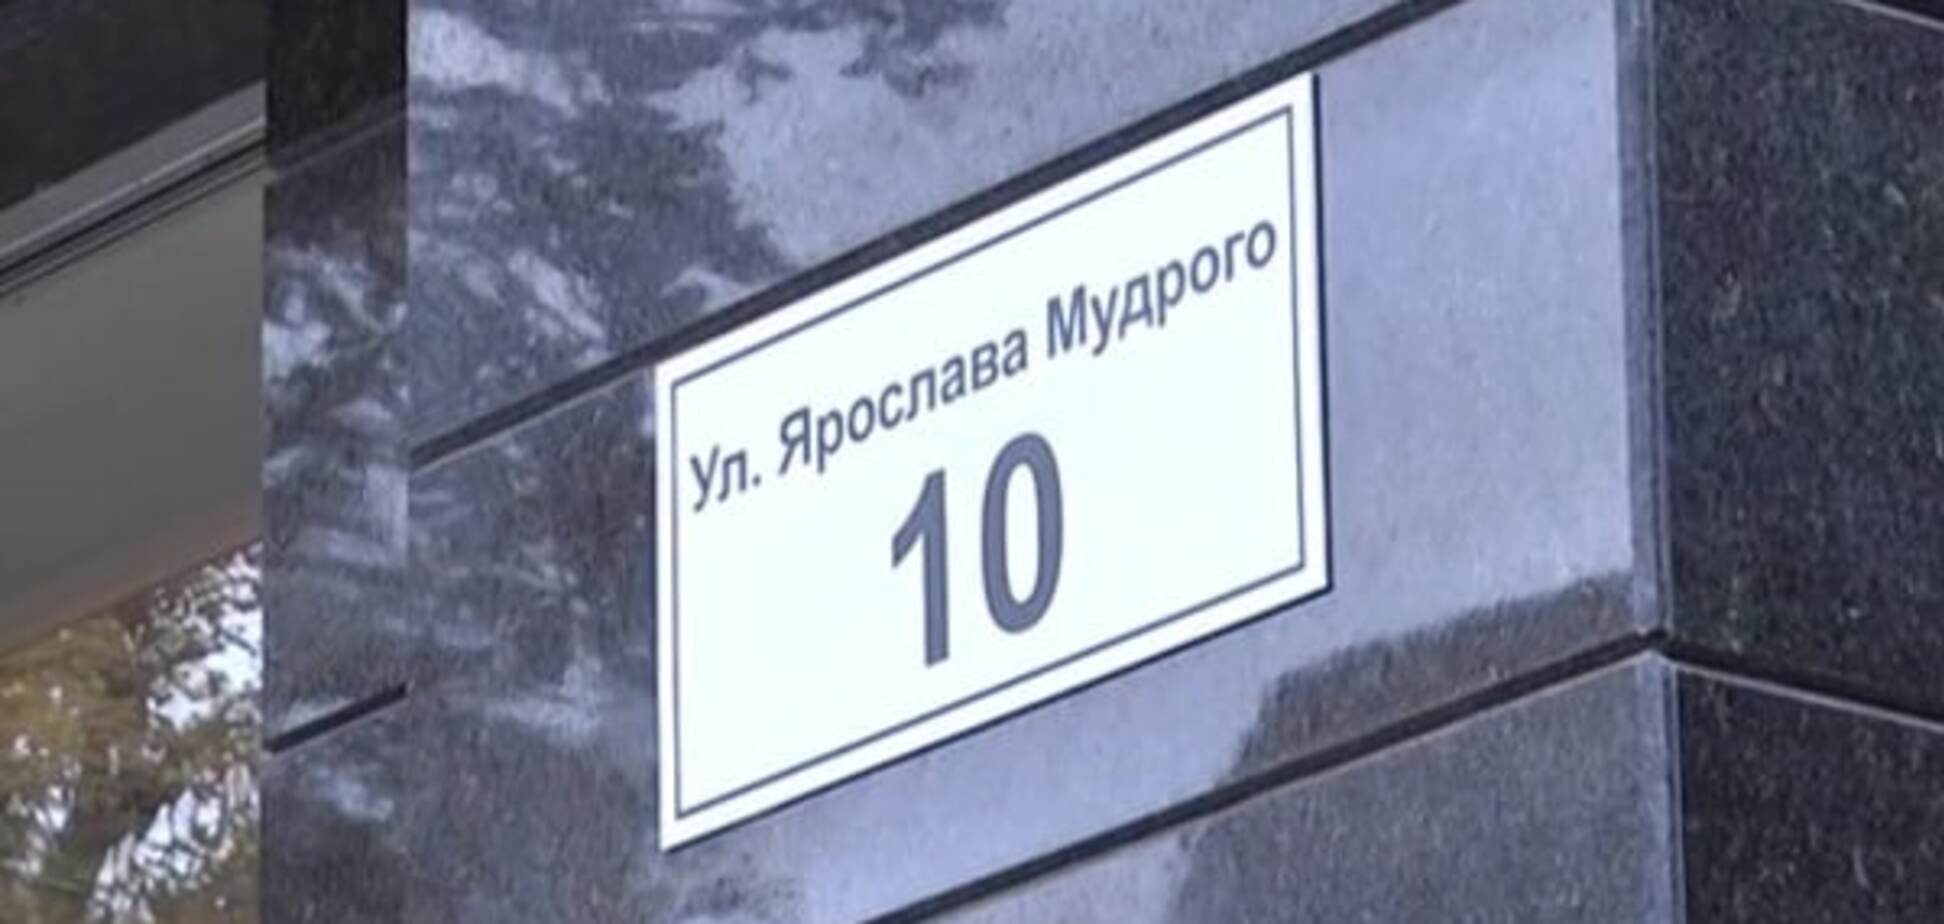 Вулиця Ярослава Мудрого, Харків